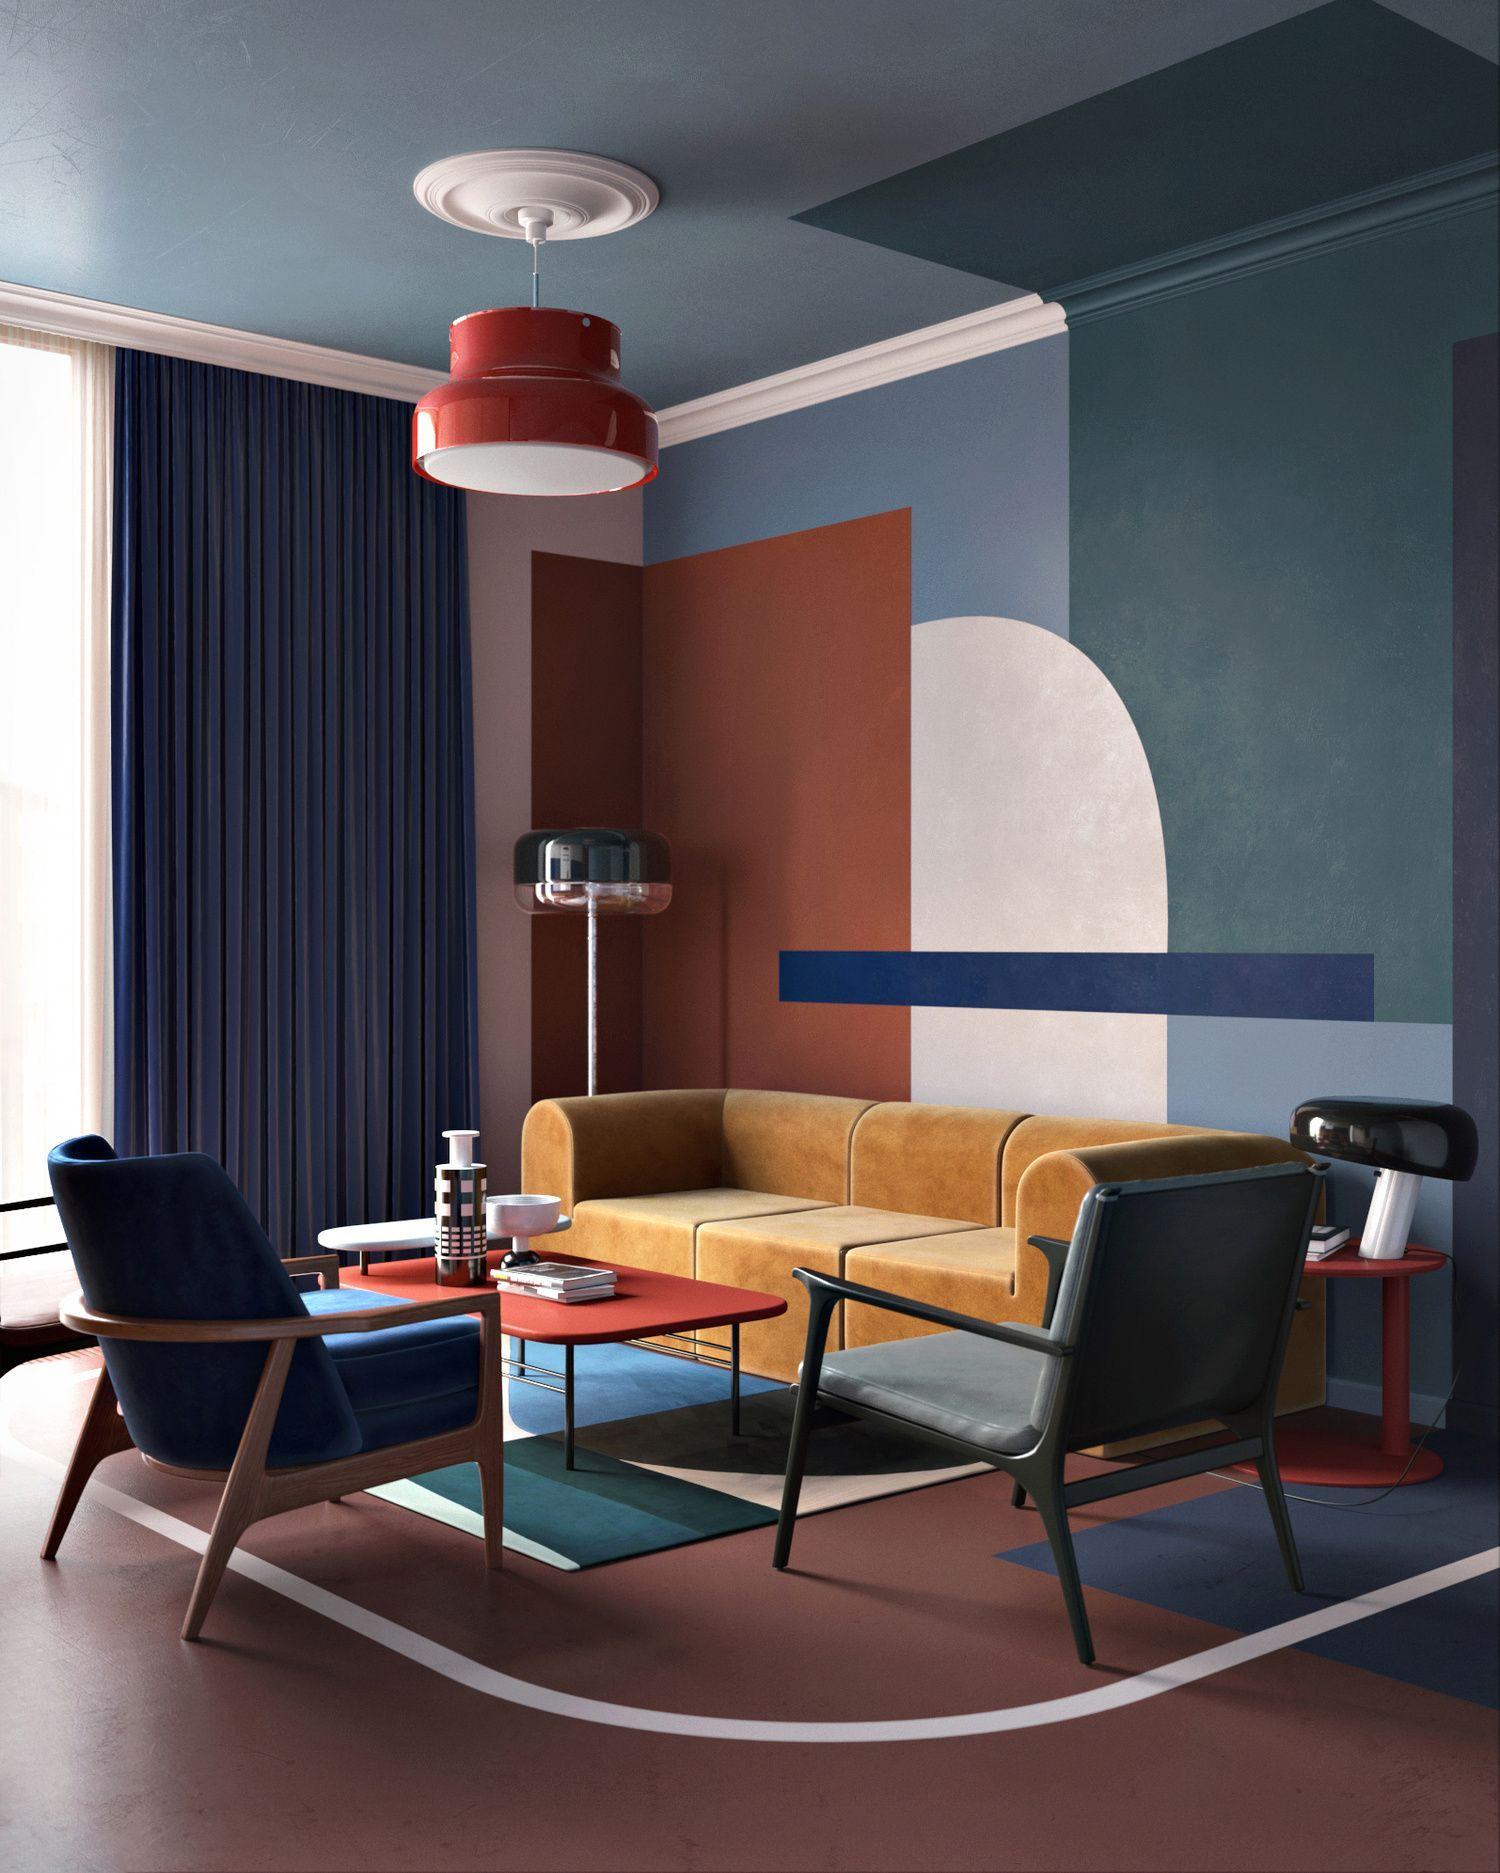 Quali sono i colori più utilizzati per idee pitture interni? Pin Di Luca Trivulzio Su Modern Home Decorating Arredamento Casa Vintage Interior Design Per La Casa Architettura D Interni